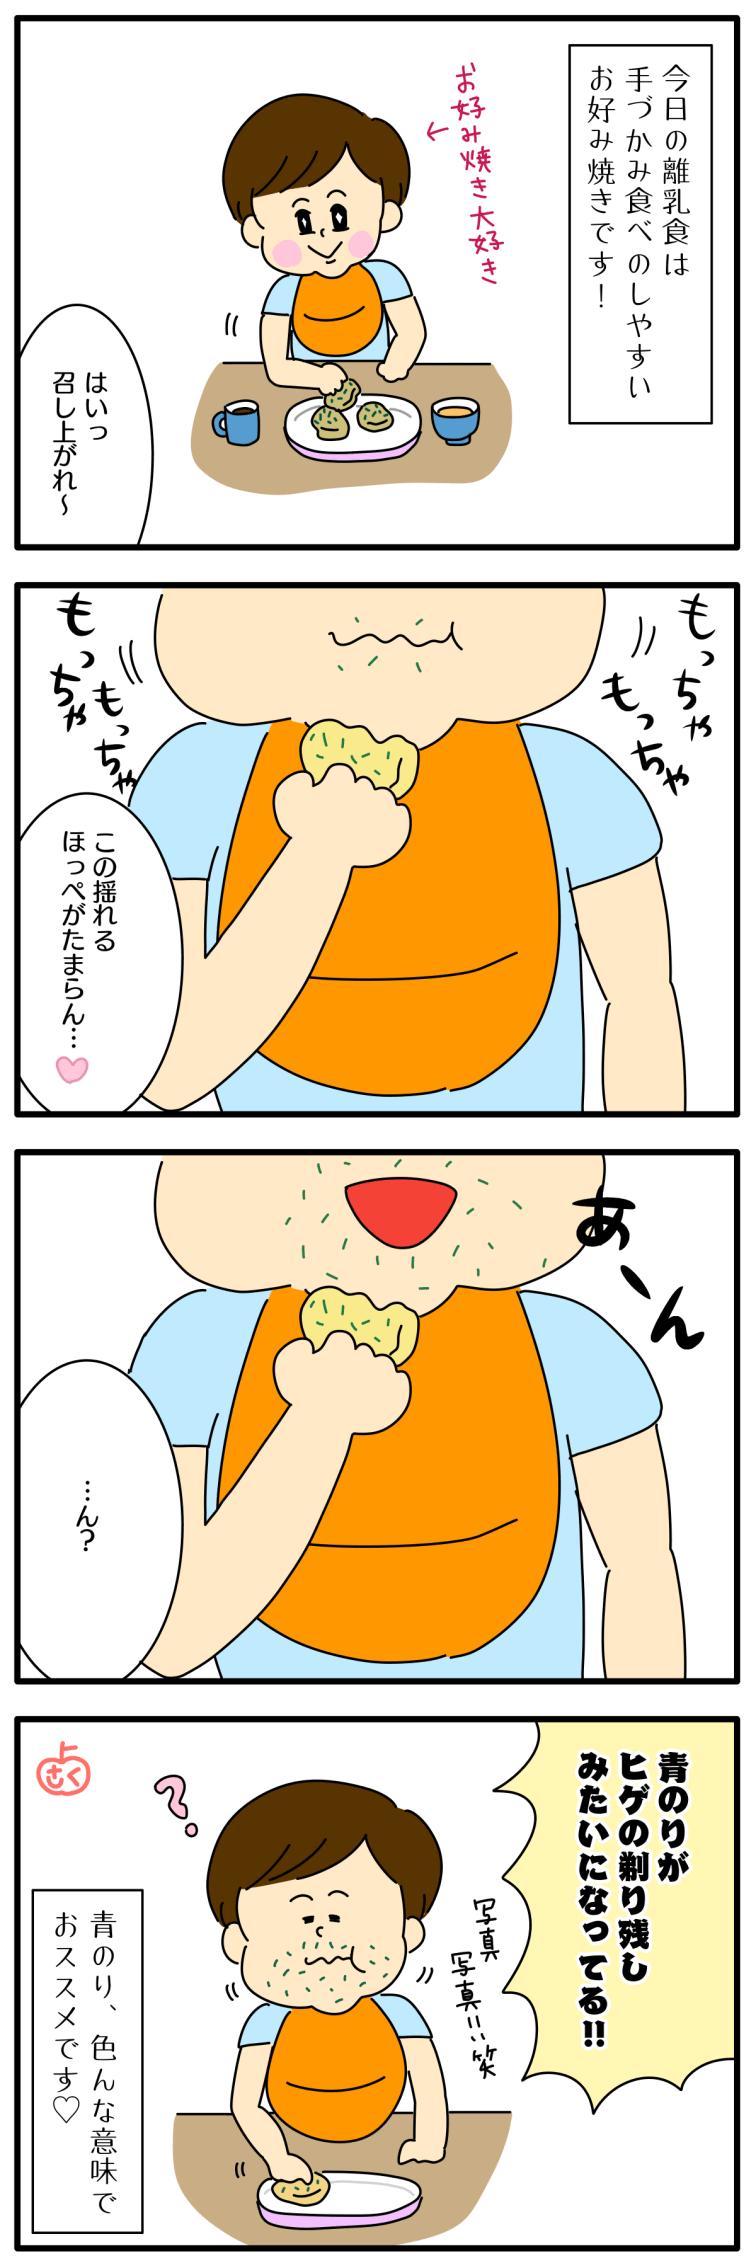 離乳食の青のりについての永岡さくら(saku)さんの子育て4コマ漫画